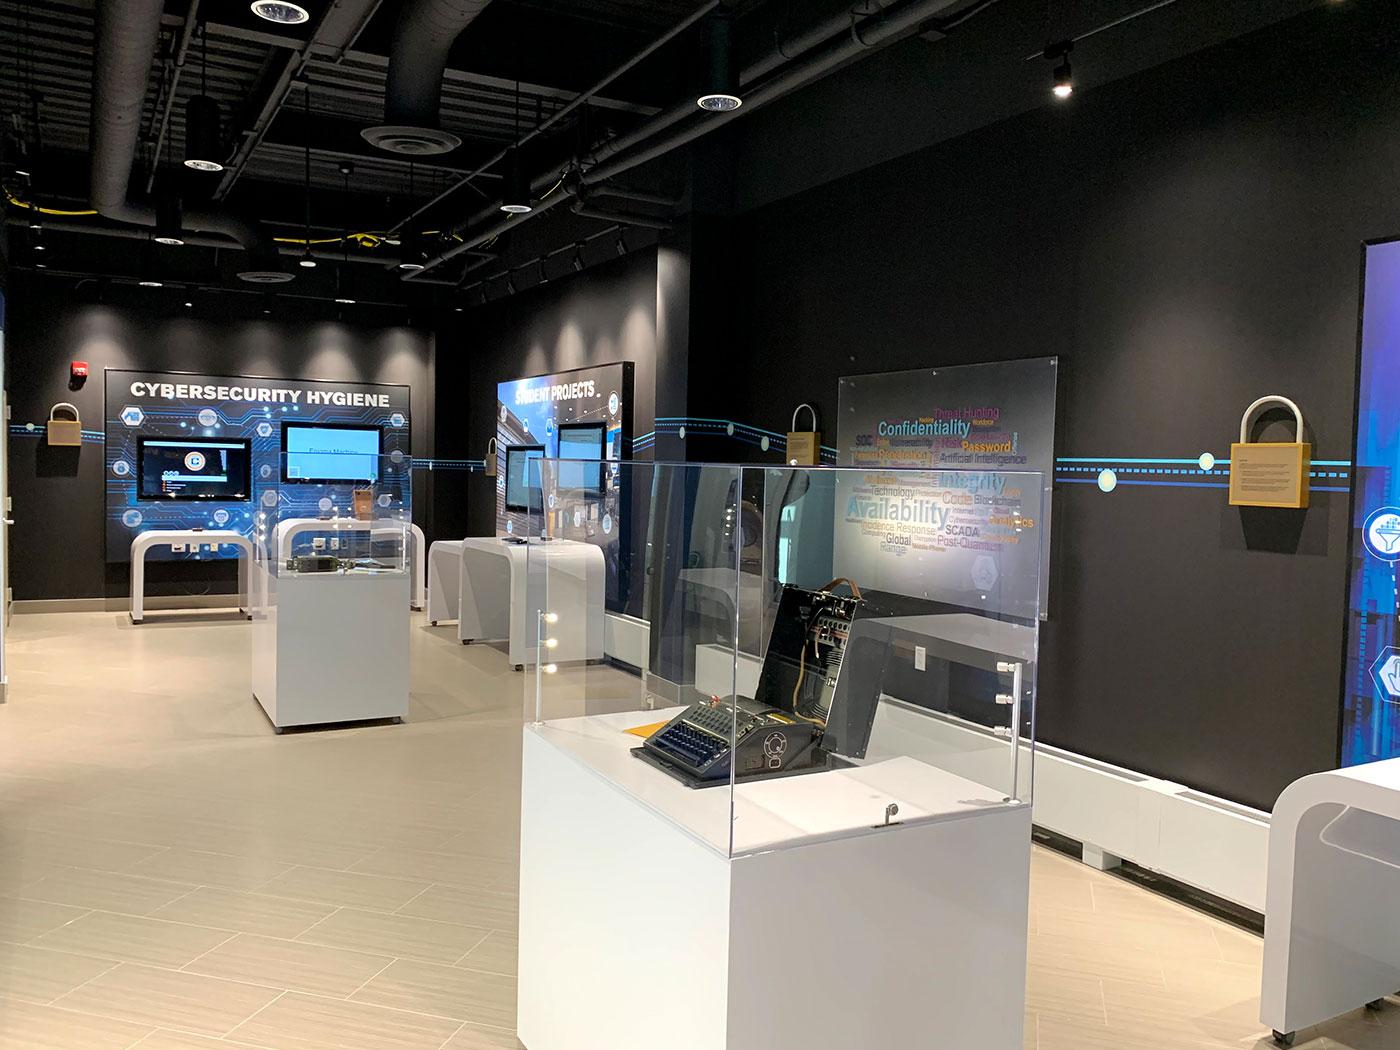 Complete Brand Environment Exhibit